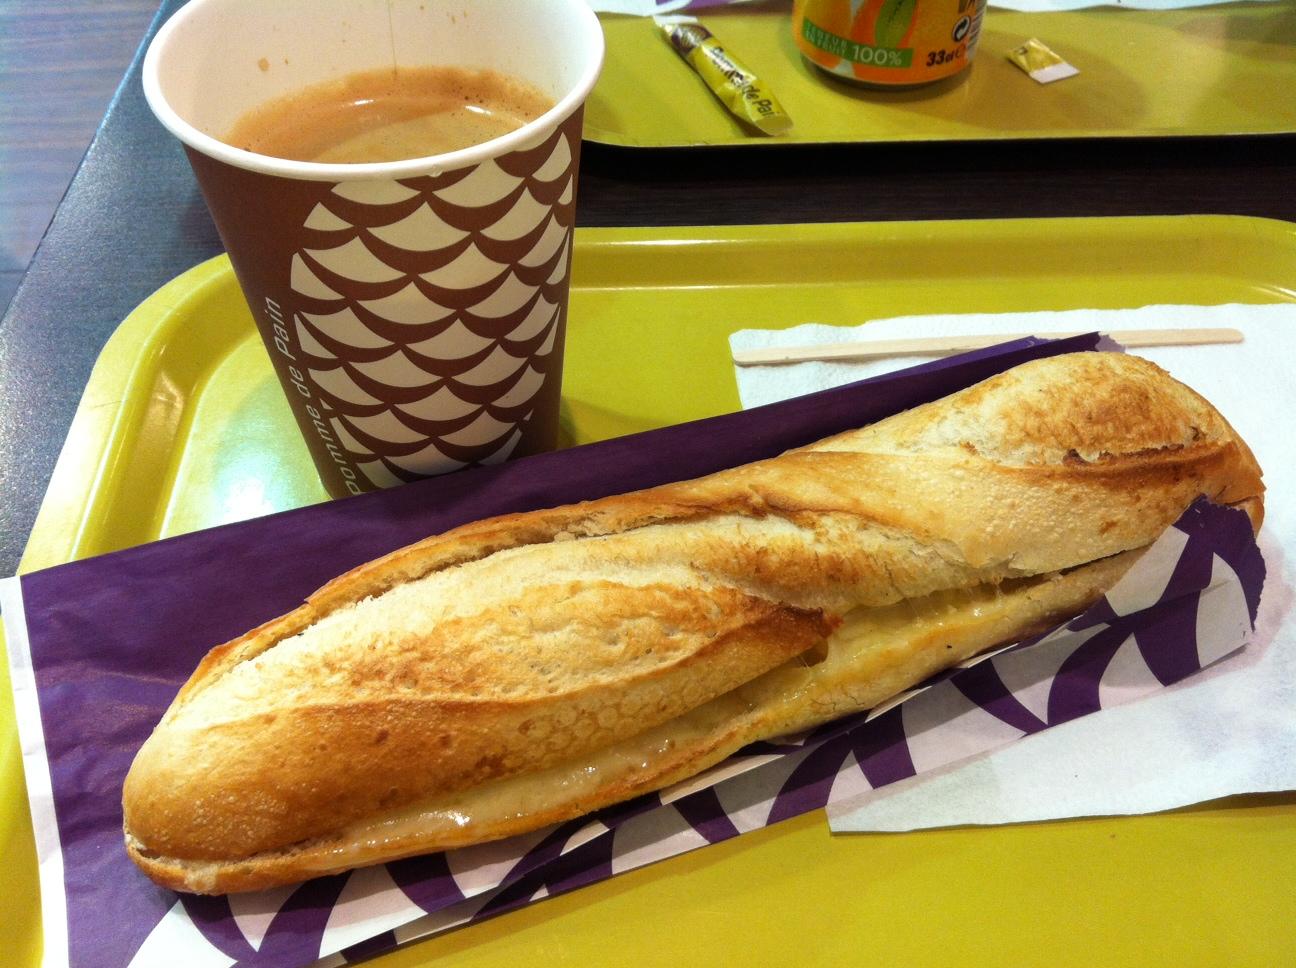 B r d yet syen n beslenme g nl paris gezisi 3 g n - Pomme de pain marseille ...